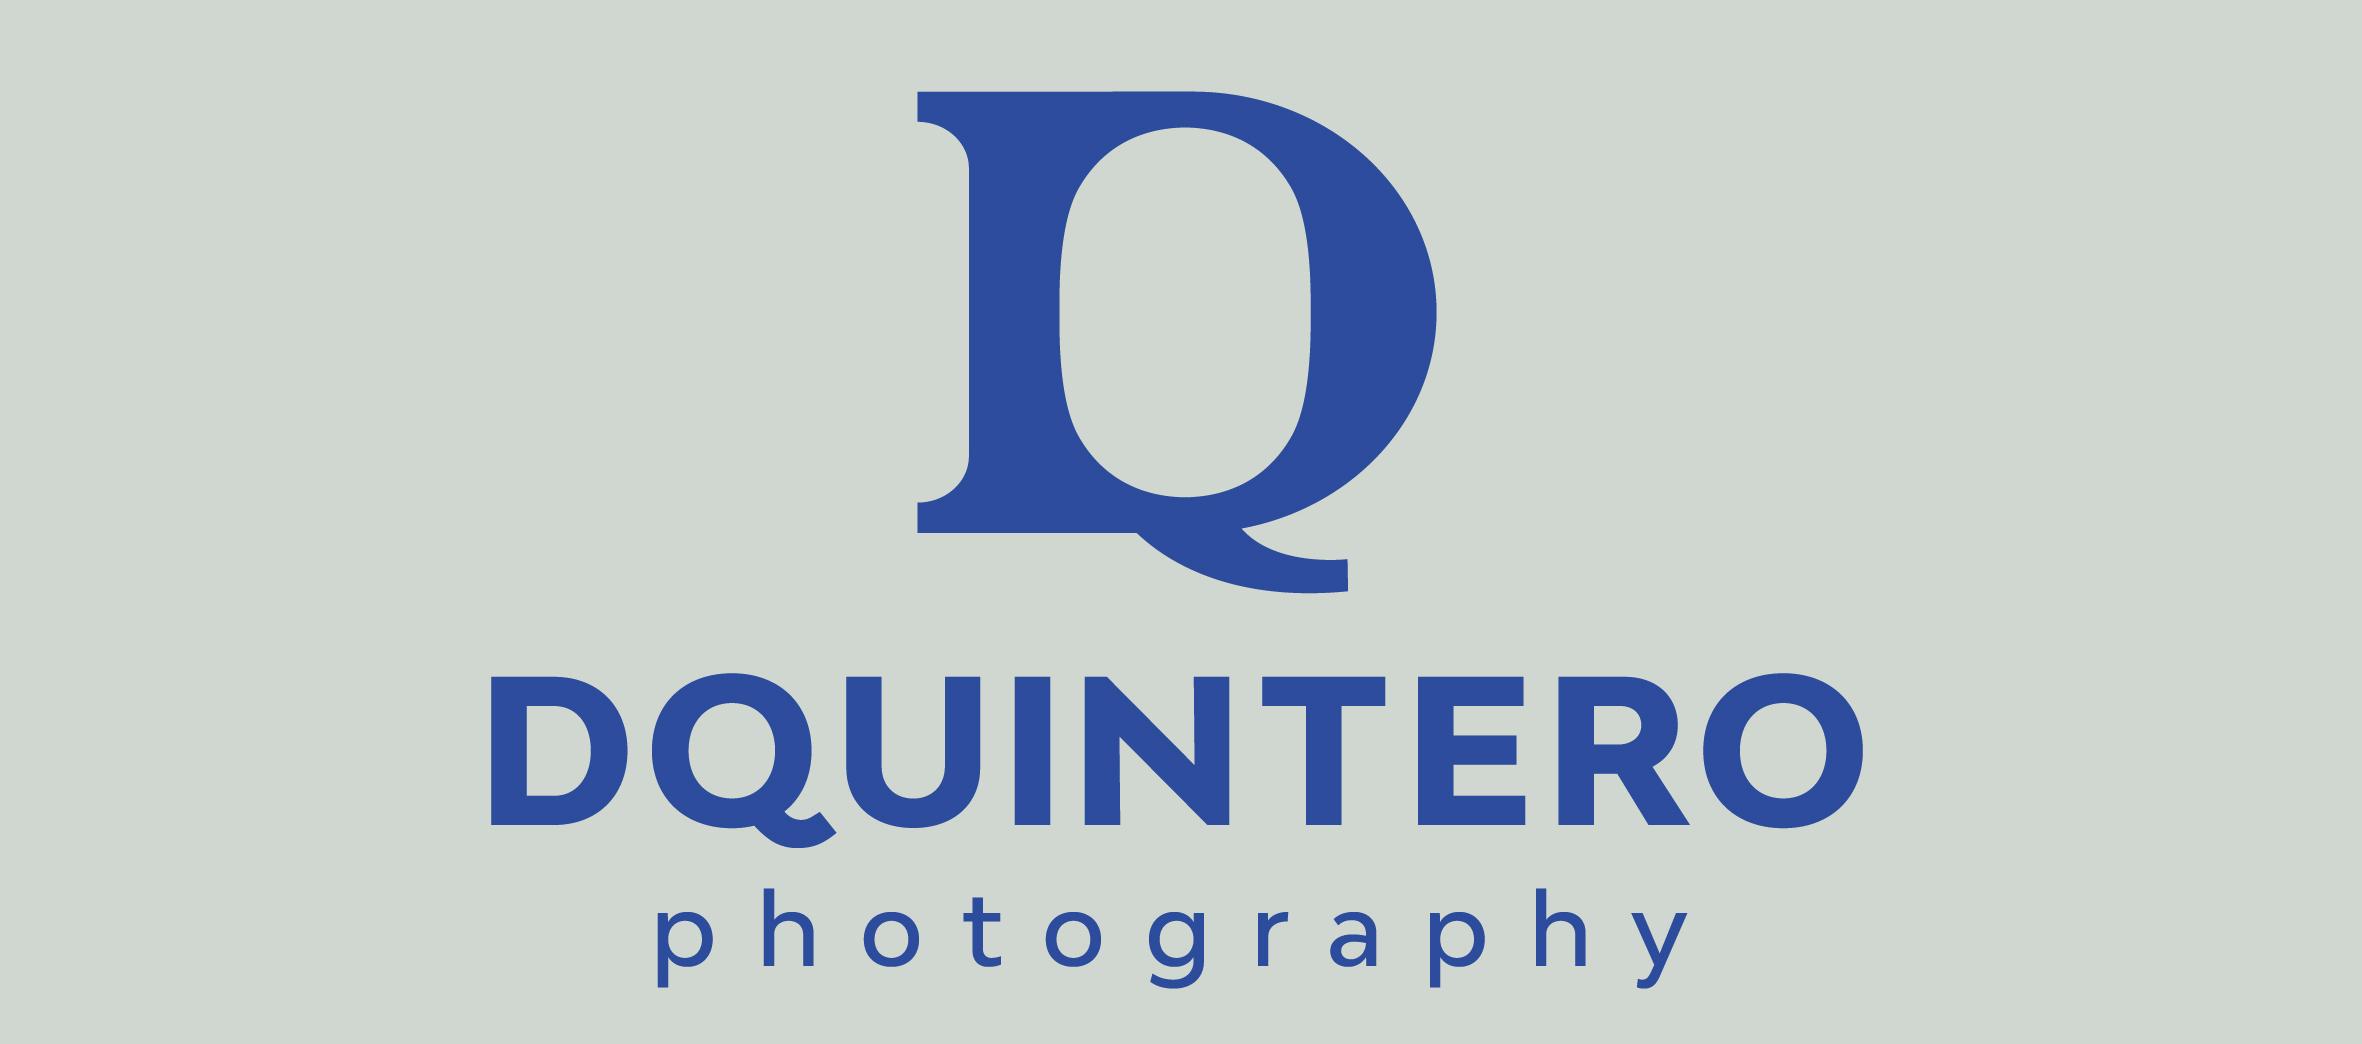 Dquintero Photography